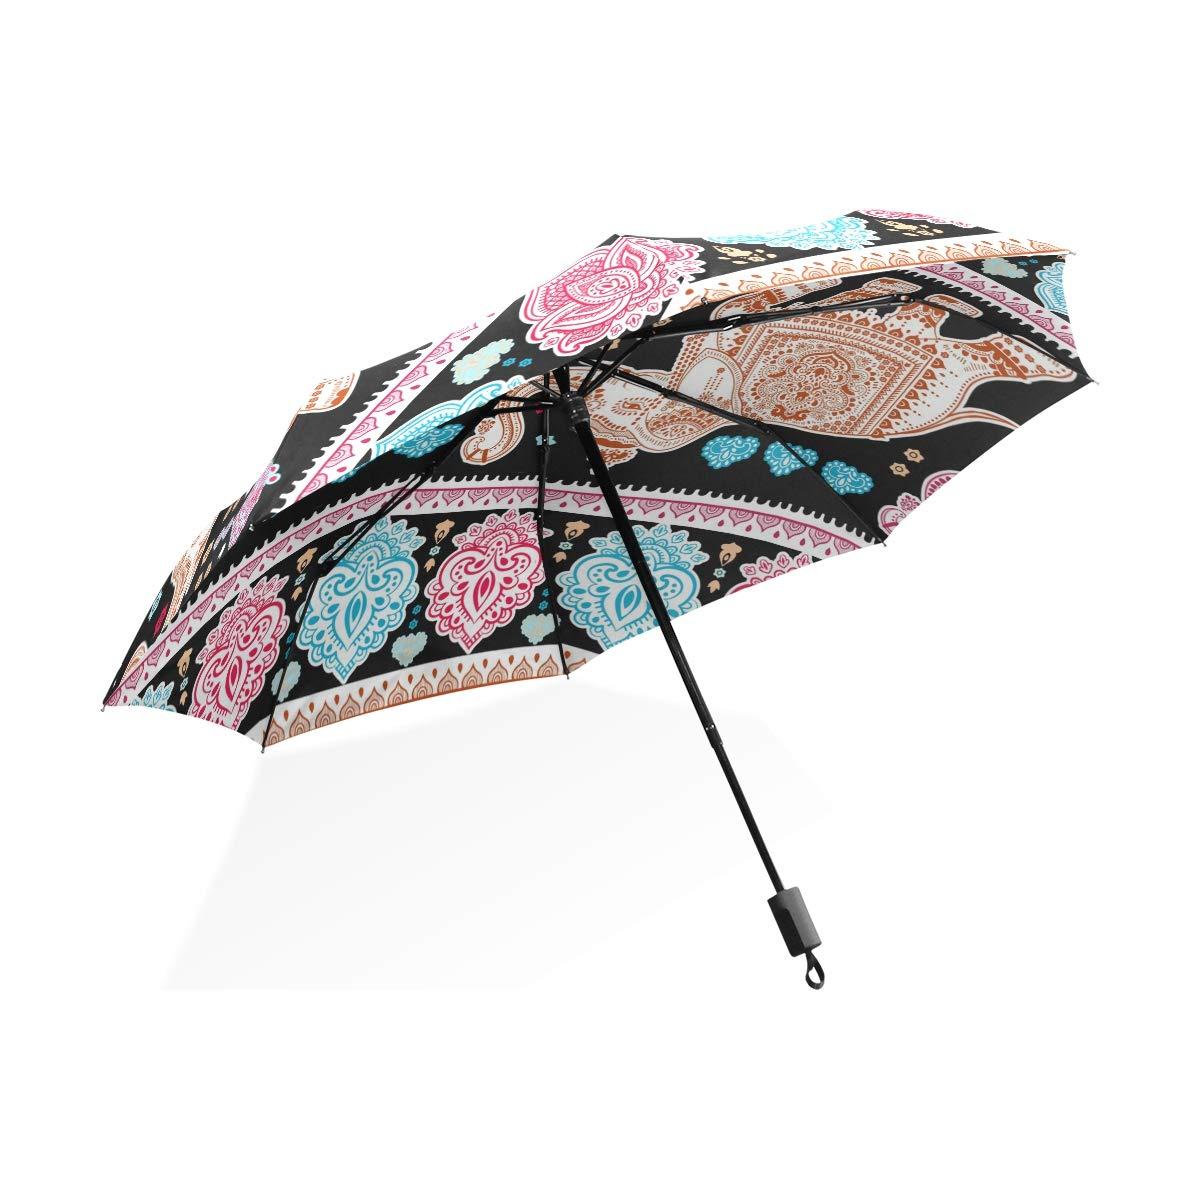 Isaoa Automatique Voyage Parapluie Pliable Compact Parapluie éléphant Indien Coupe-Vent Ultra léger Protection UV Parapluie pour Homme ou Femme